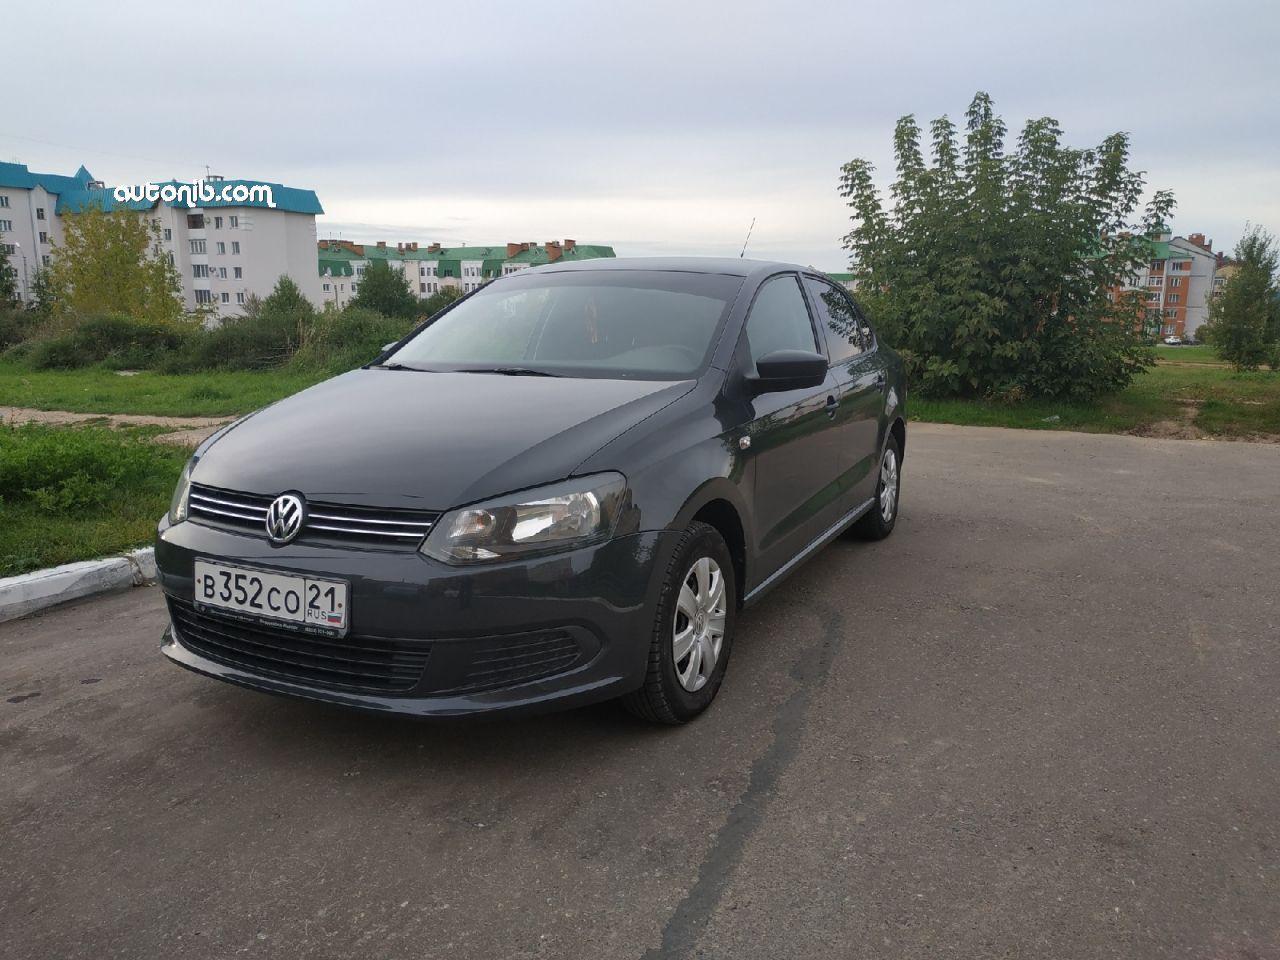 Купить Volkswagen Polo 2012 года в городе Чебоксары